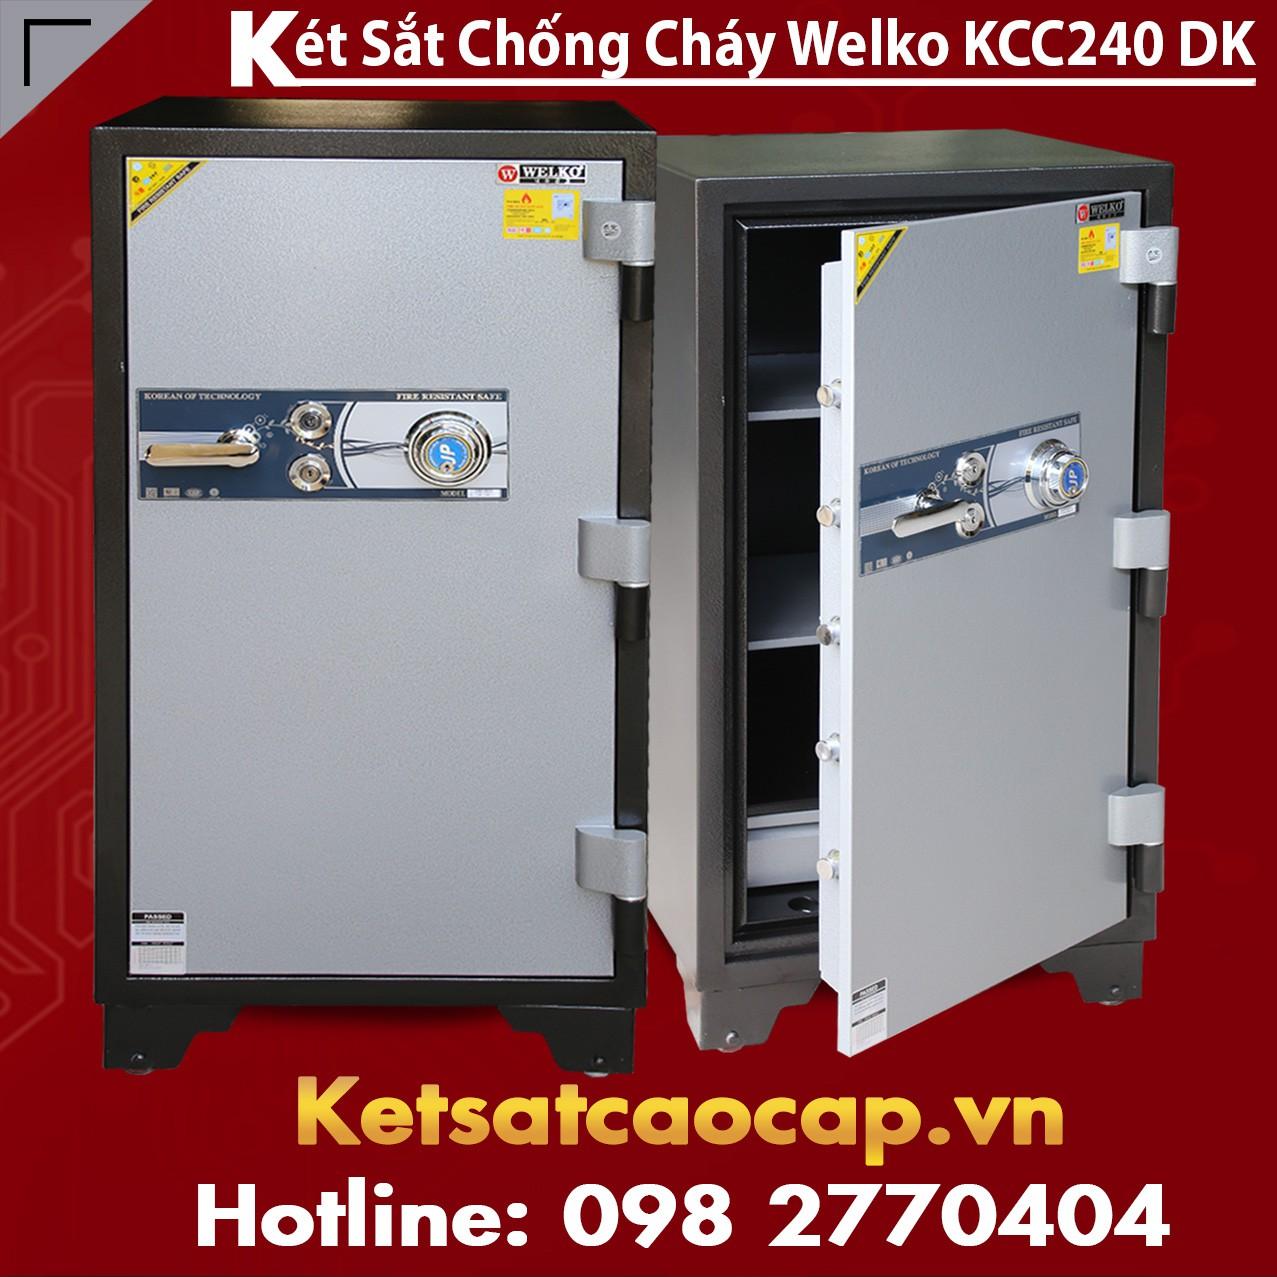 két sắt điện tử uy tín KCC200 FE thanh hóa